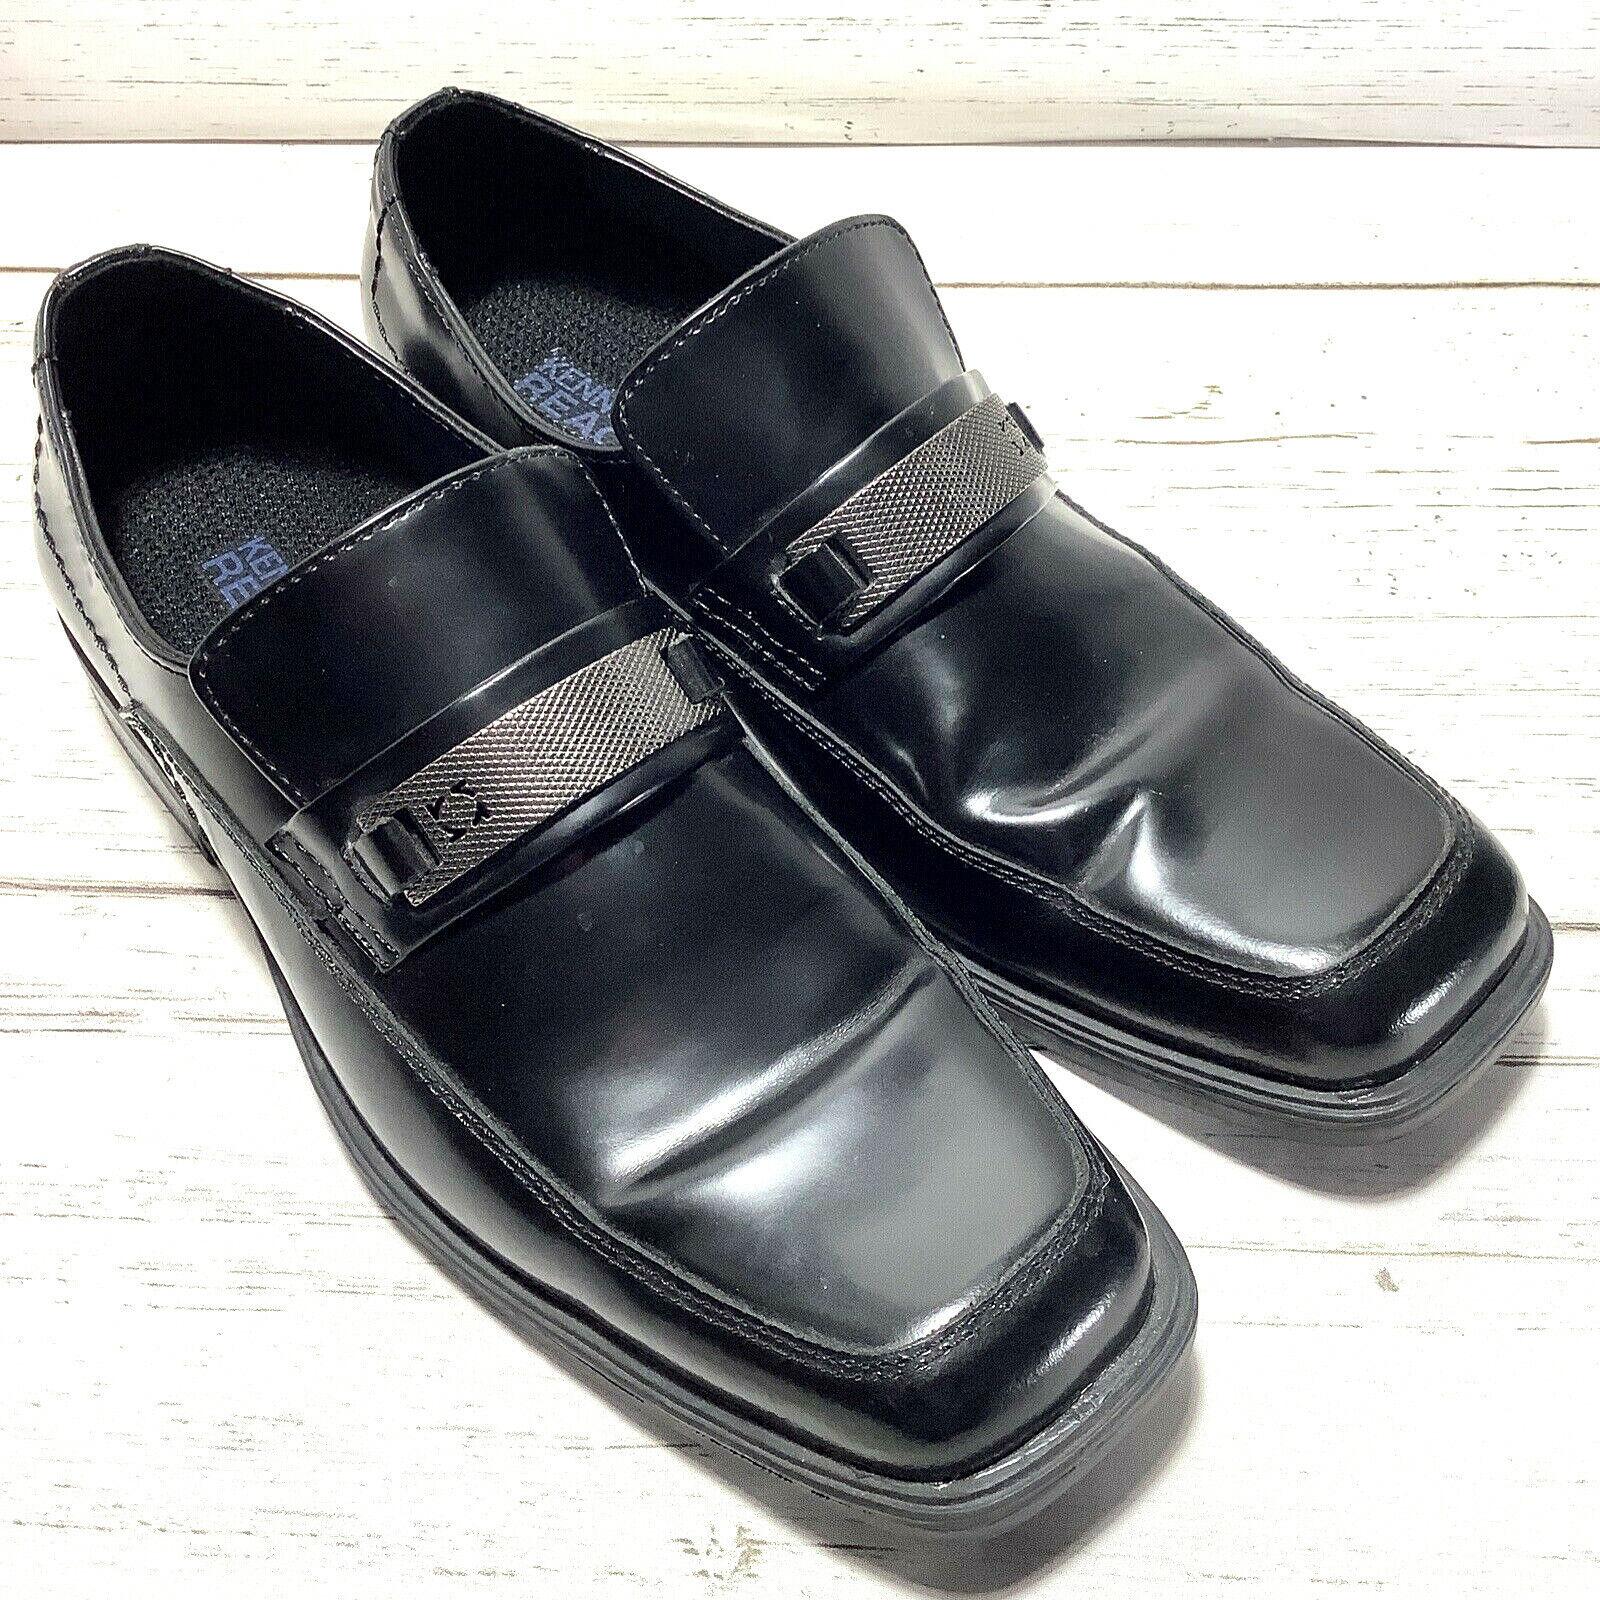 Kenneth Cole Reaction Serve Up Slip On Loafers Men's 8.5 Med Black Dress Shoes